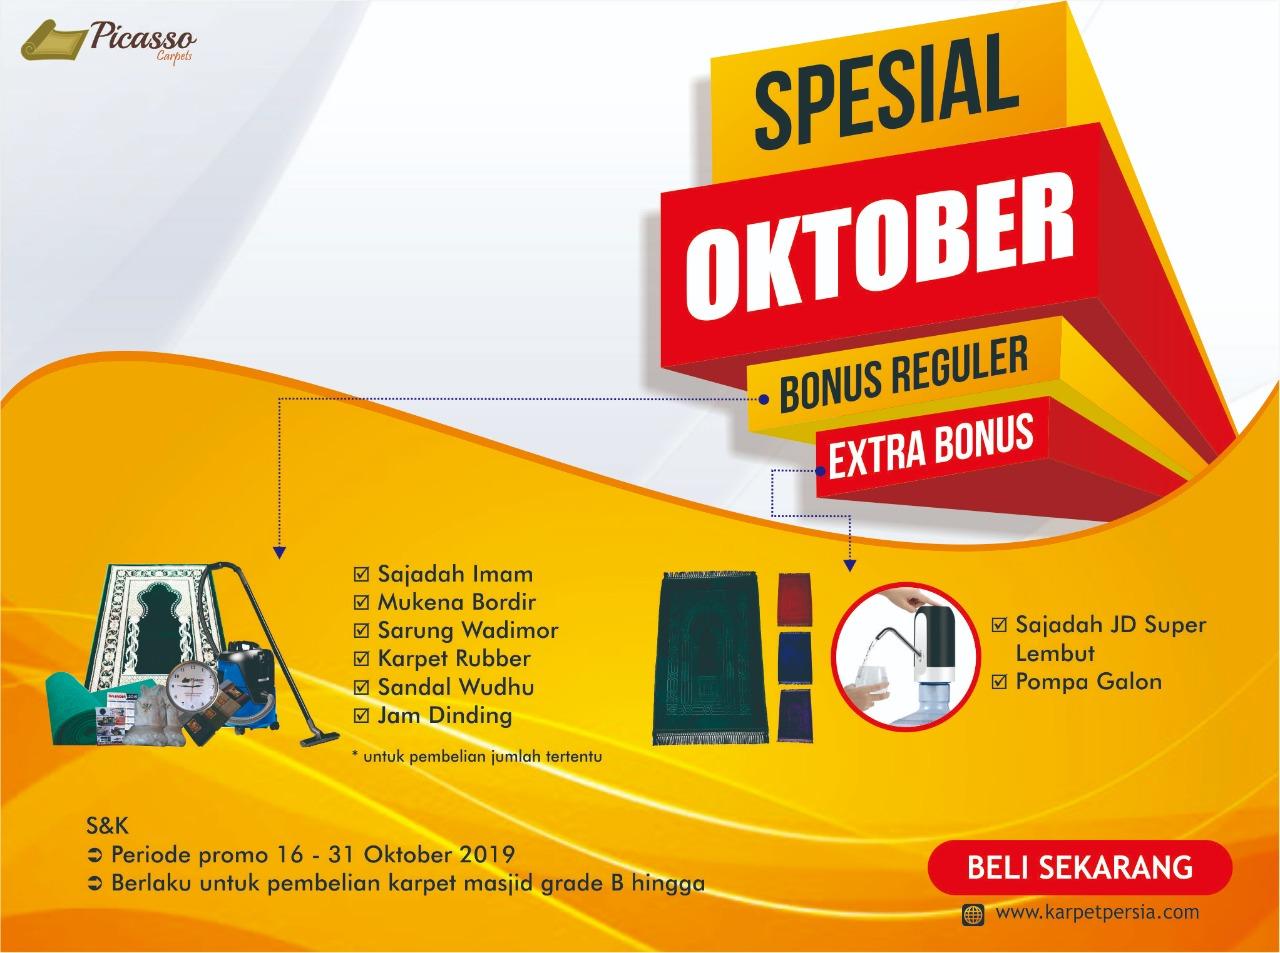 Promo Karpet Masjid Spesial Oktober!